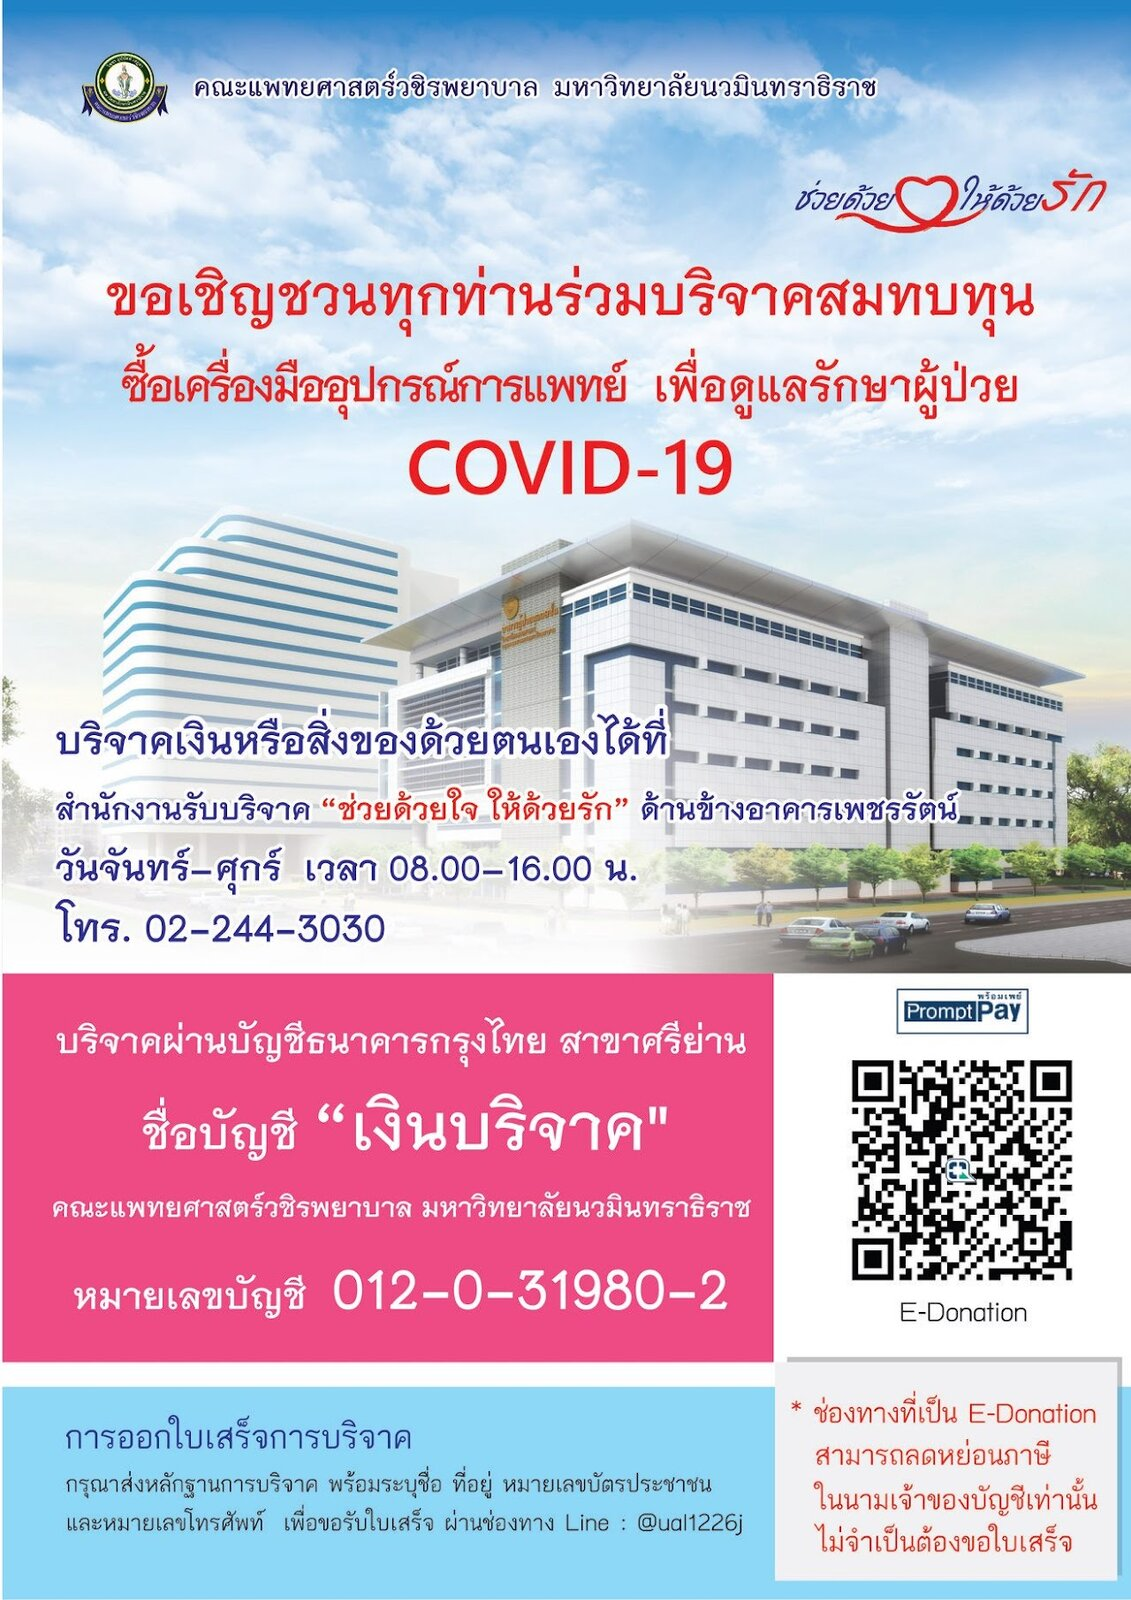 5E38ADDC-536D-4F1A-A8D4-47623EC72102.jpeg